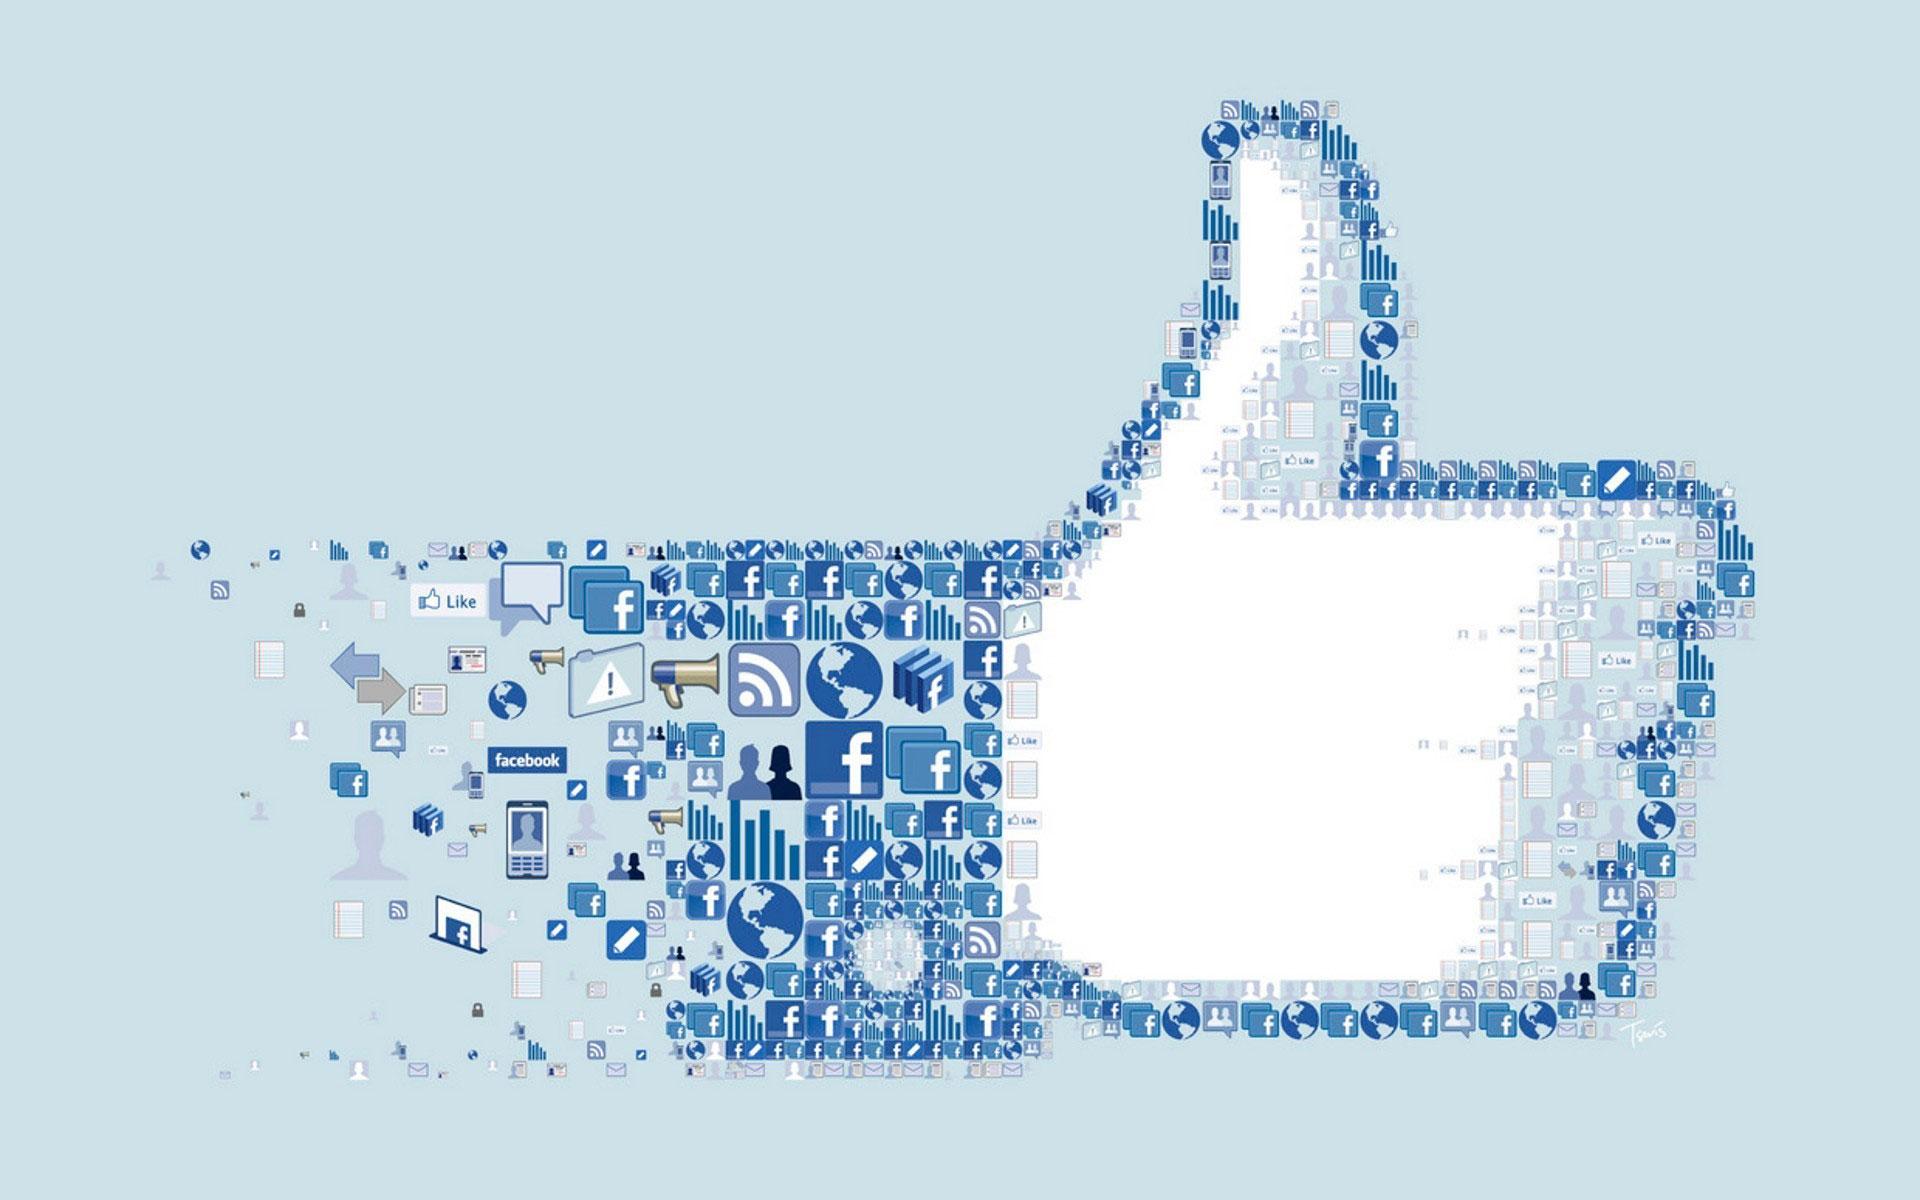 Ufficio stampa 2.0: come aumentare l'engagement social